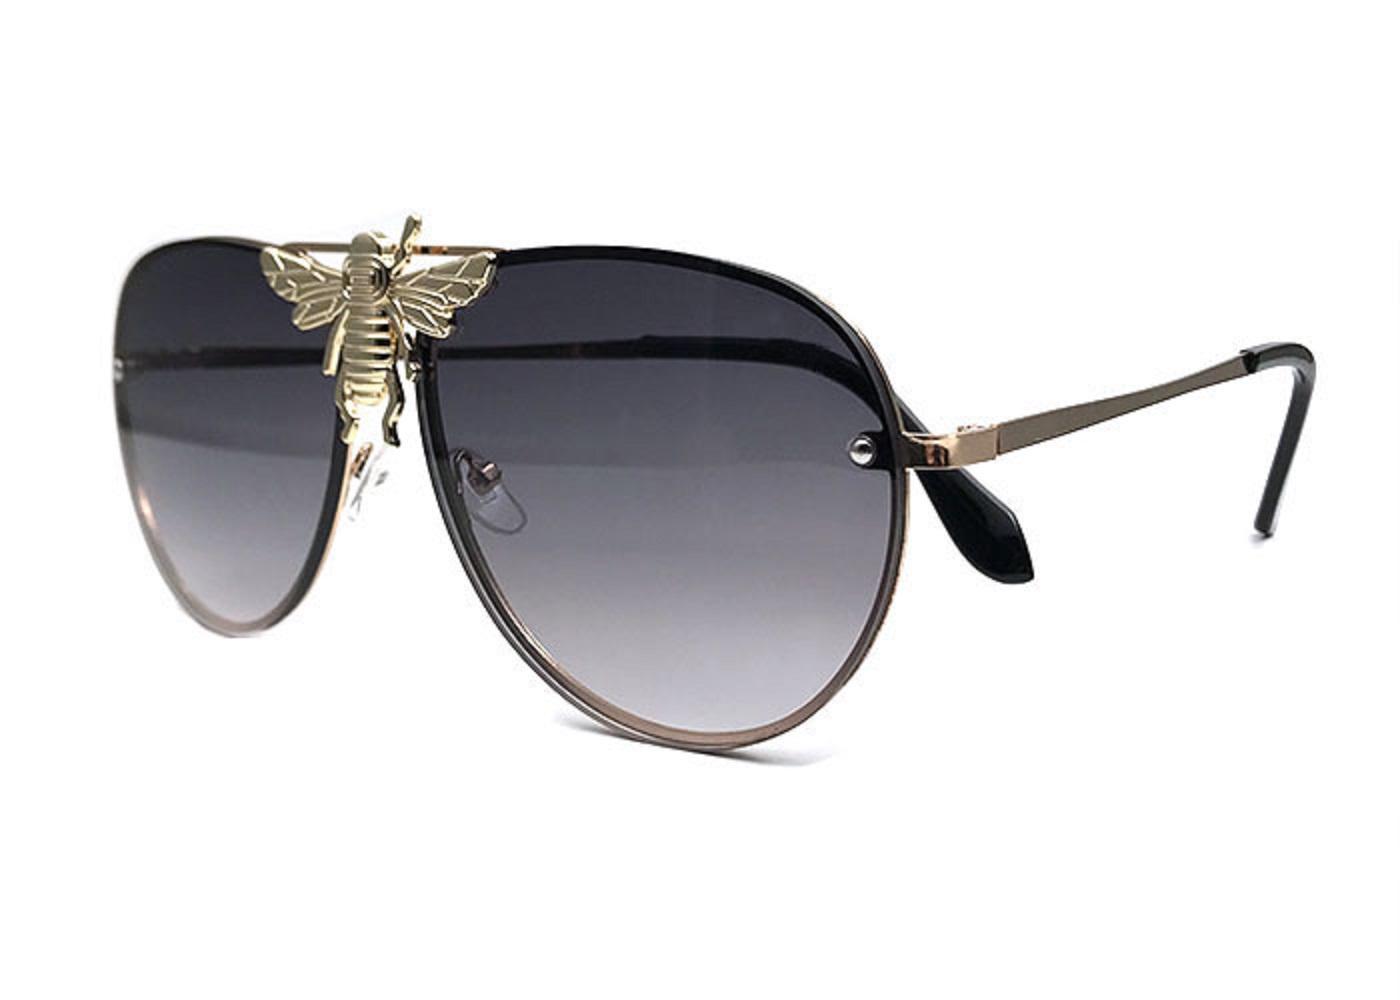 الفاخرة 2238 النظارات الشمسية الرجال النساء العلامة التجارية مصمم شعبية الأزياء نمط الصيف كبير مع النحل أعلى جودة عدسة حماية الأشعة فوق البنفسجية تأتي مع مربع